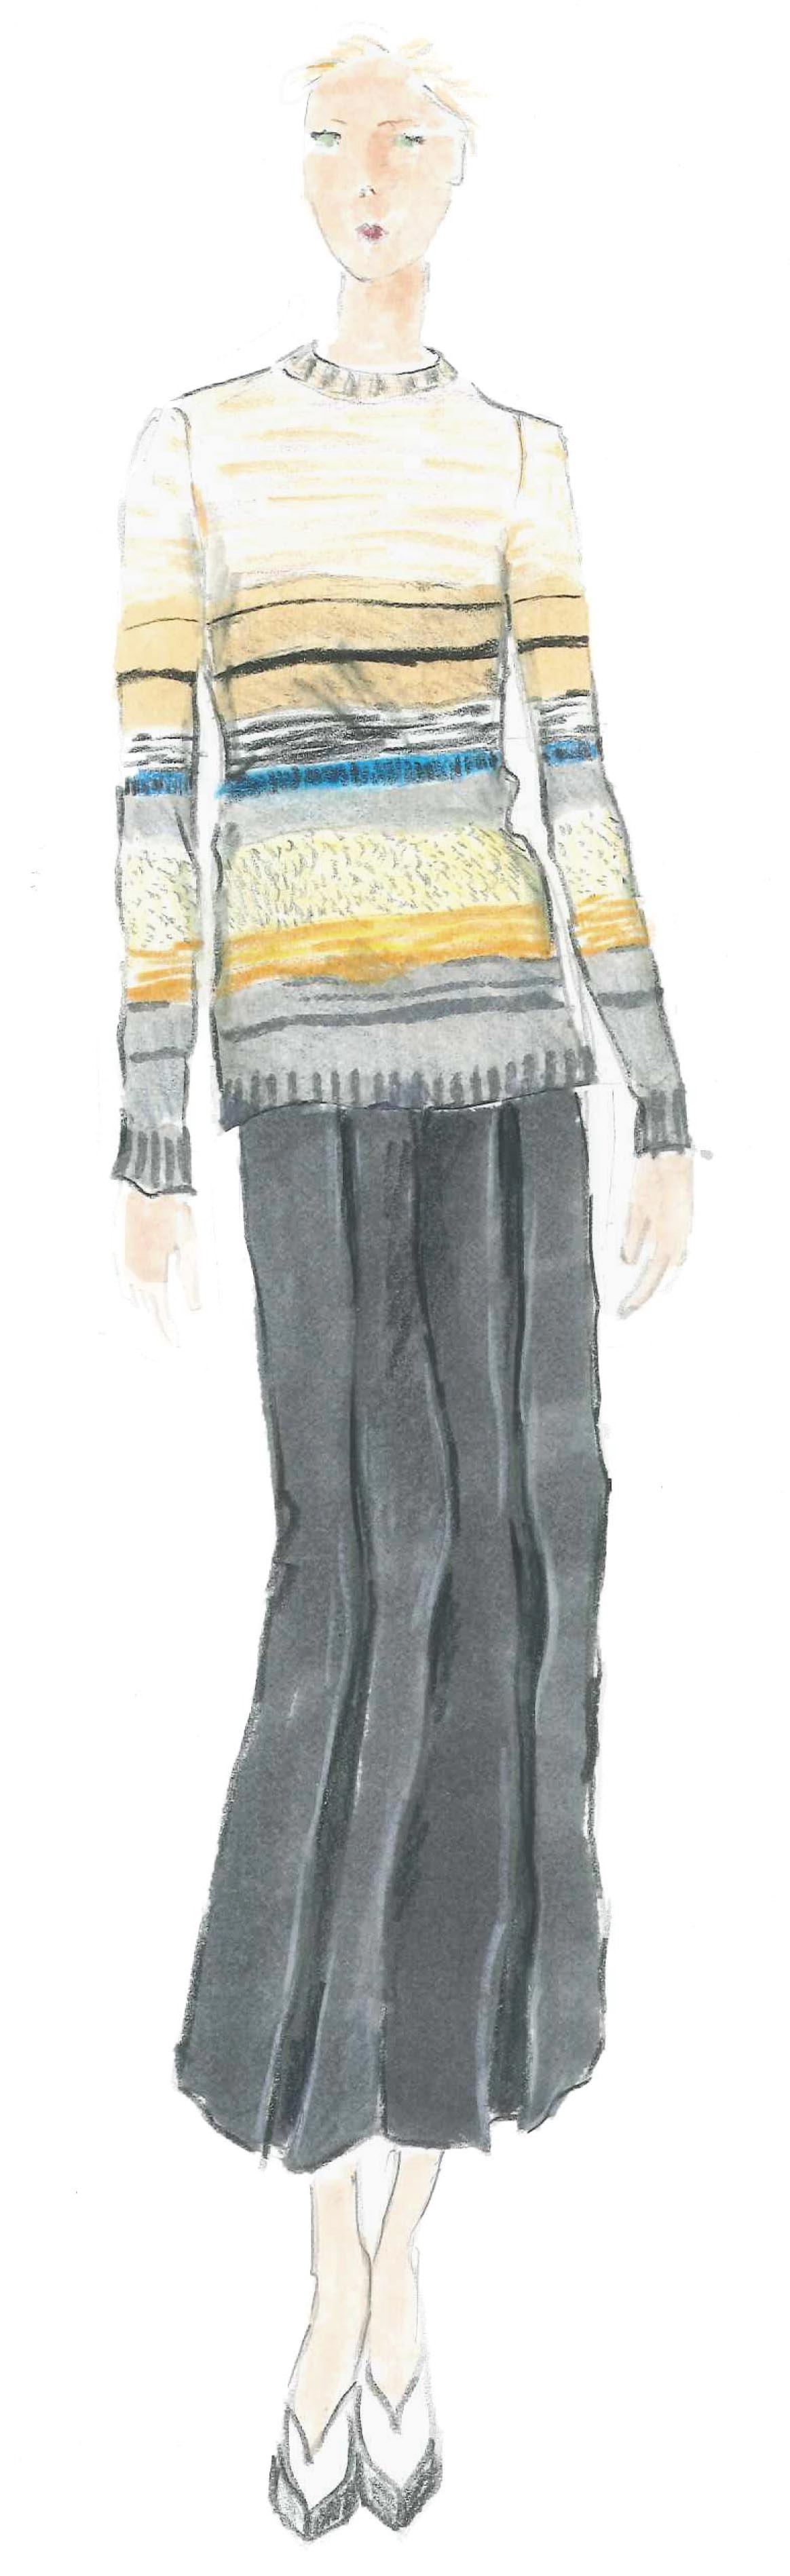 Landscape_stripe_sweater_sketch2.jpg